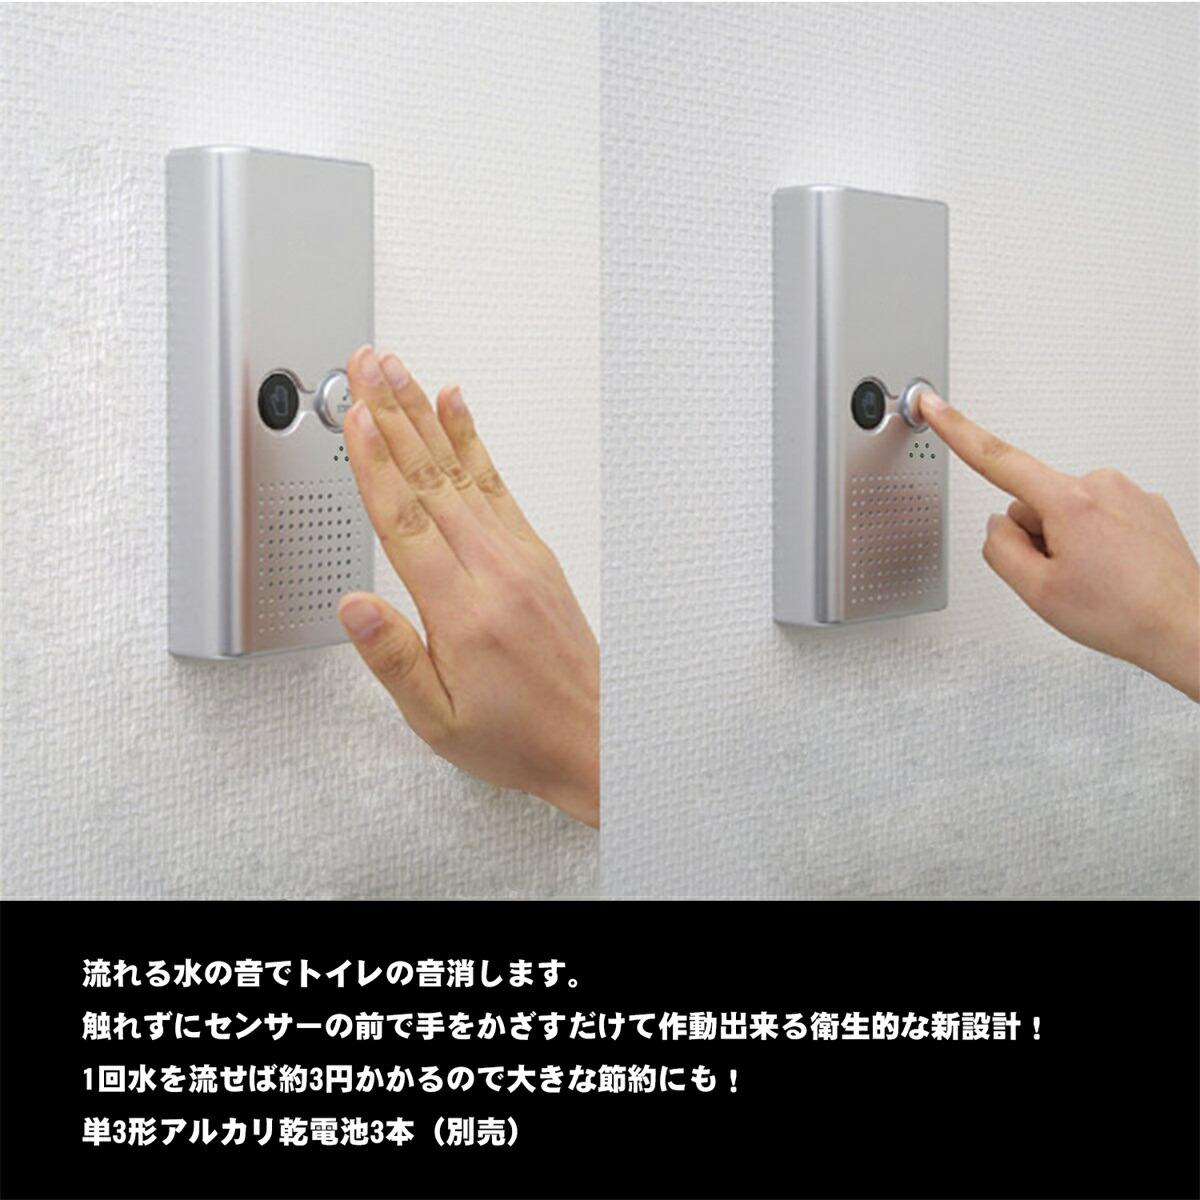 楽天市場agptek トイレ擬音装置 流水音発生器 流水合成器 消音器 音